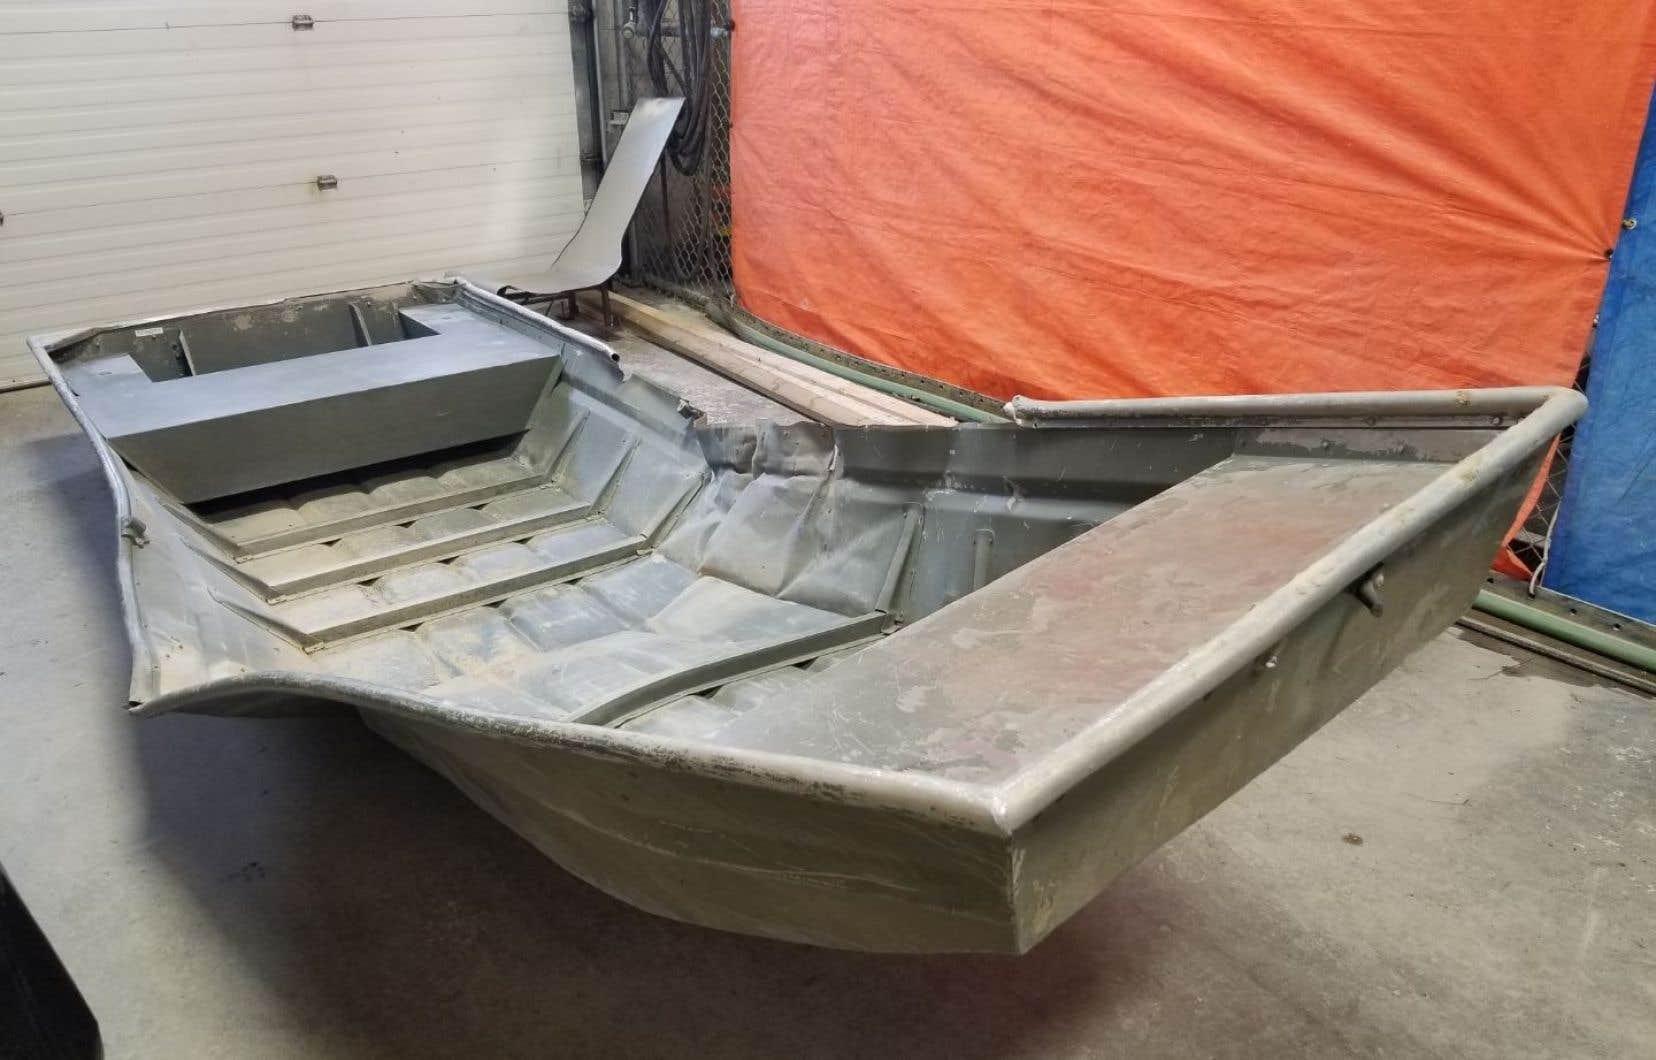 Vendredi dernier, une embarcation en aluminium endommagée a été découverte sur les rives du fleuve Nelson.